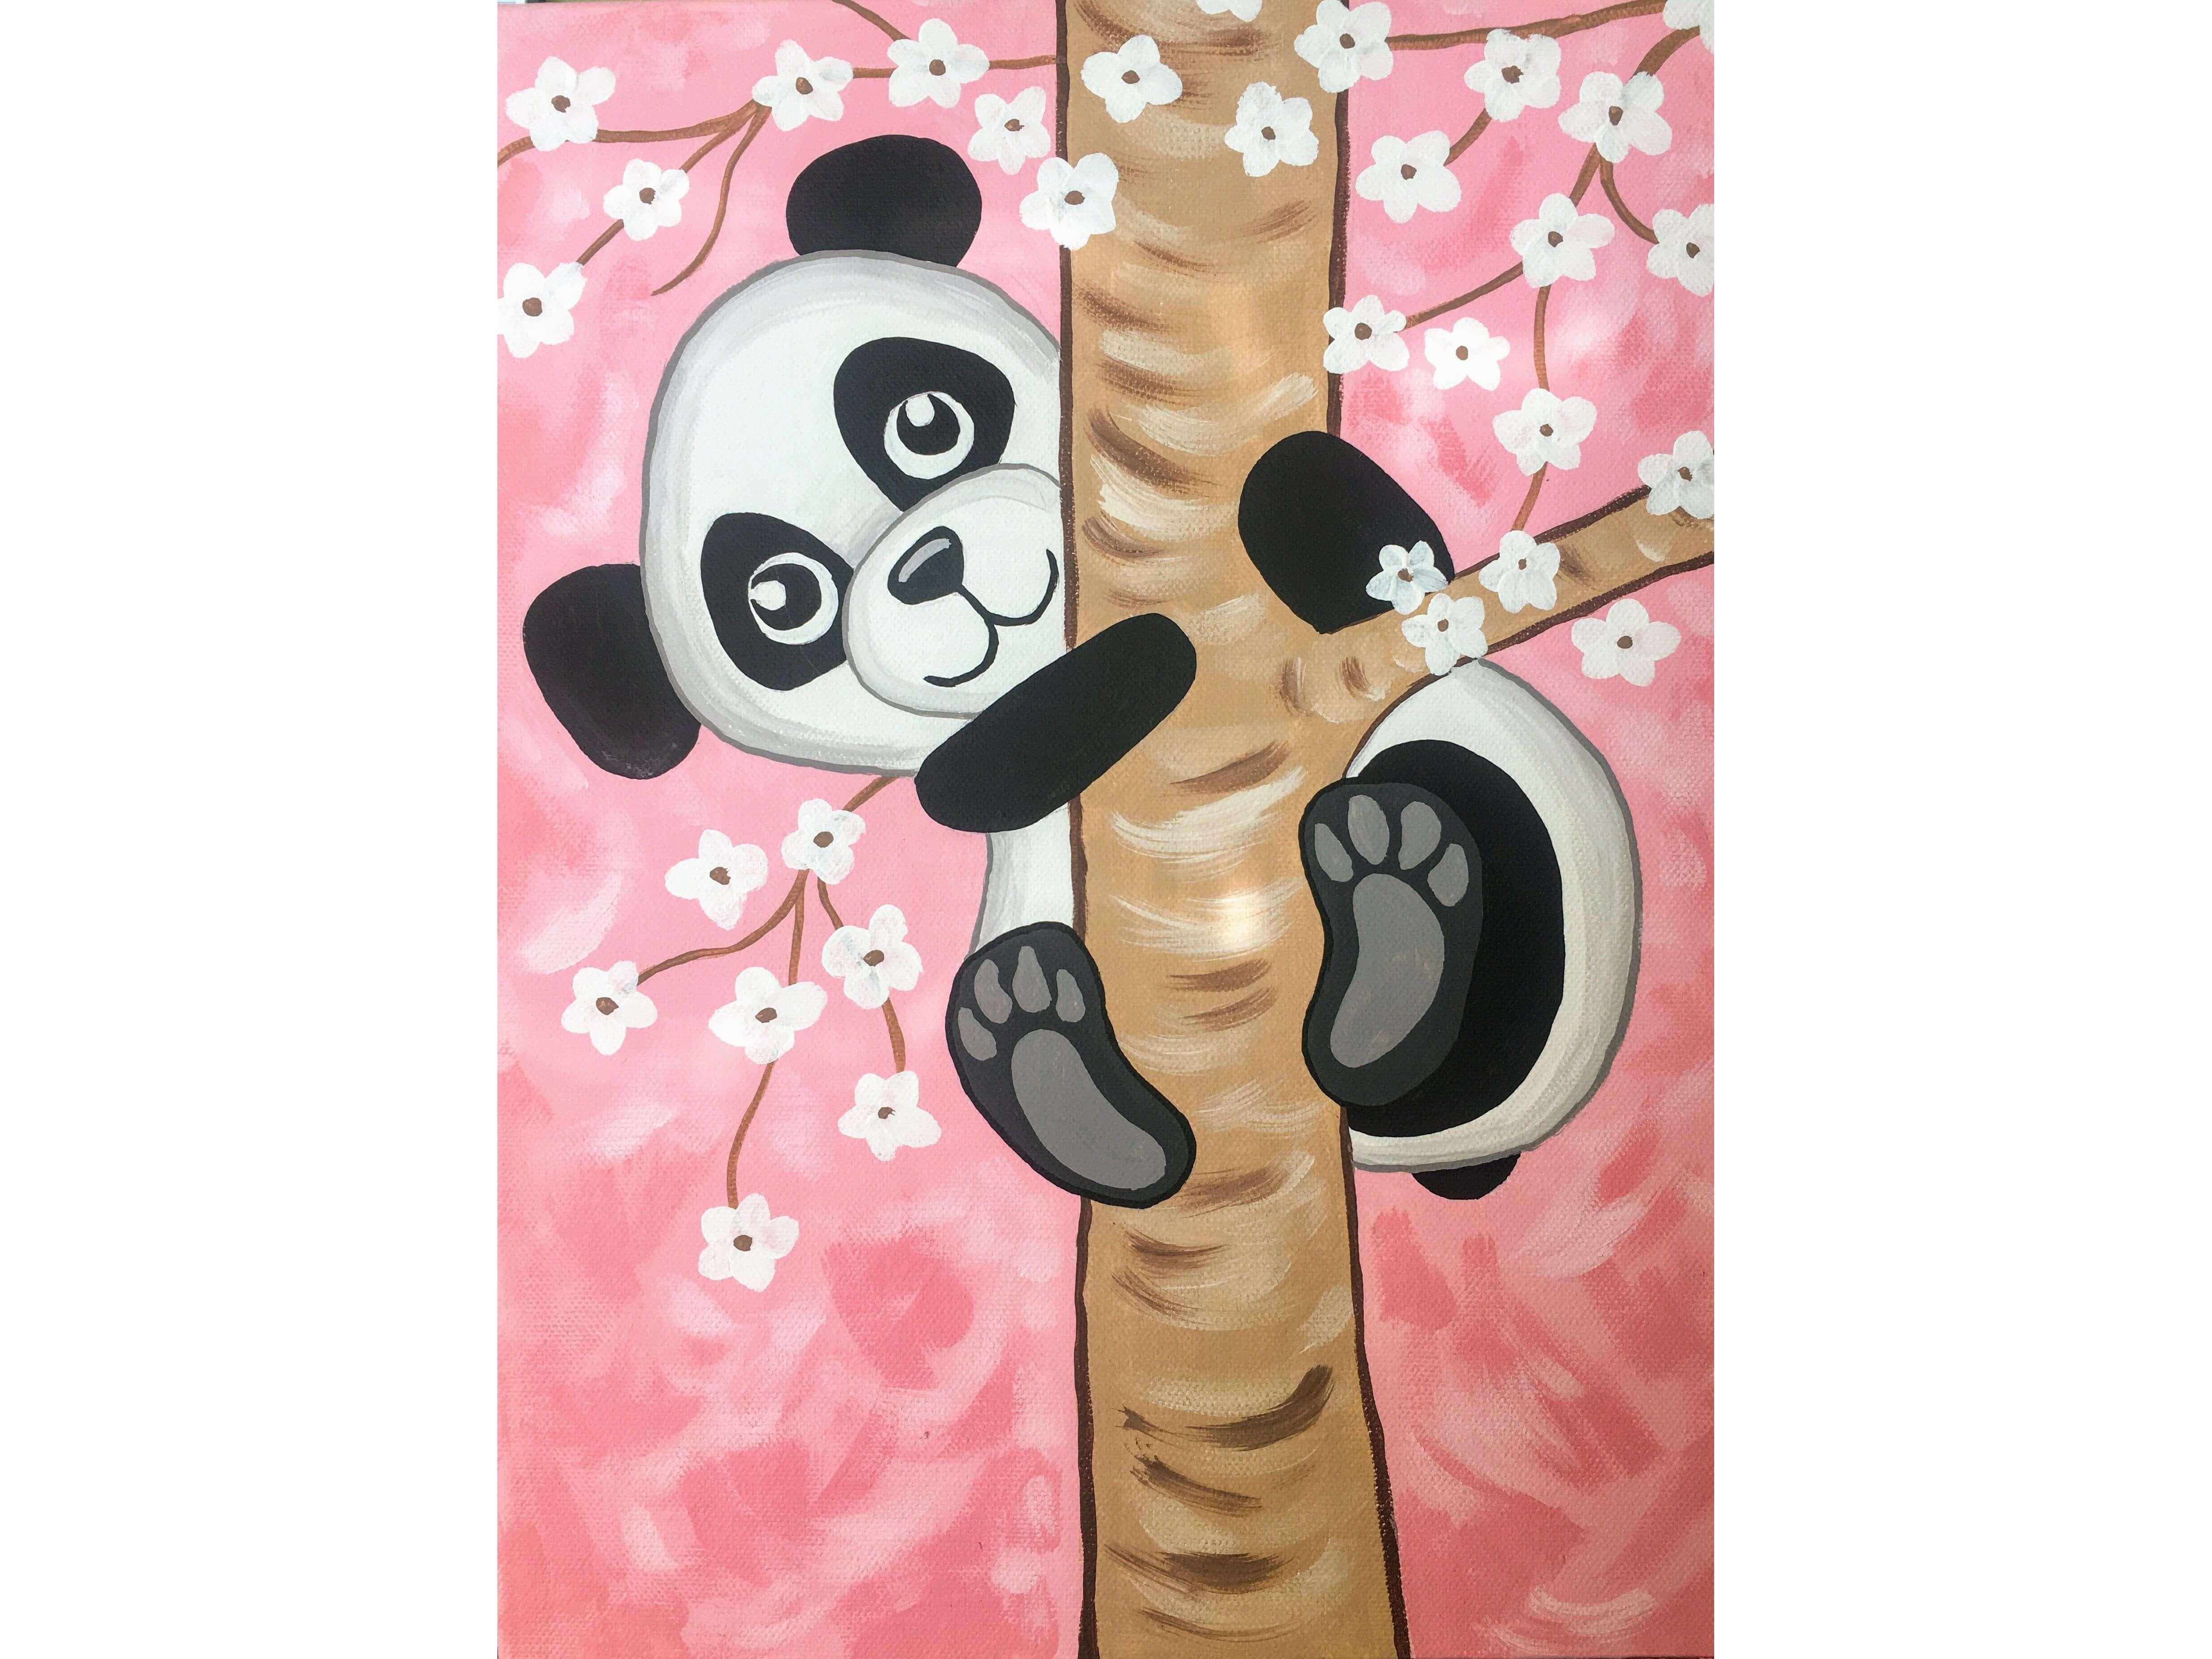 """Рисуване за деца """" Панда"""". Творческо забавление за деца.  20.11.2021 г."""